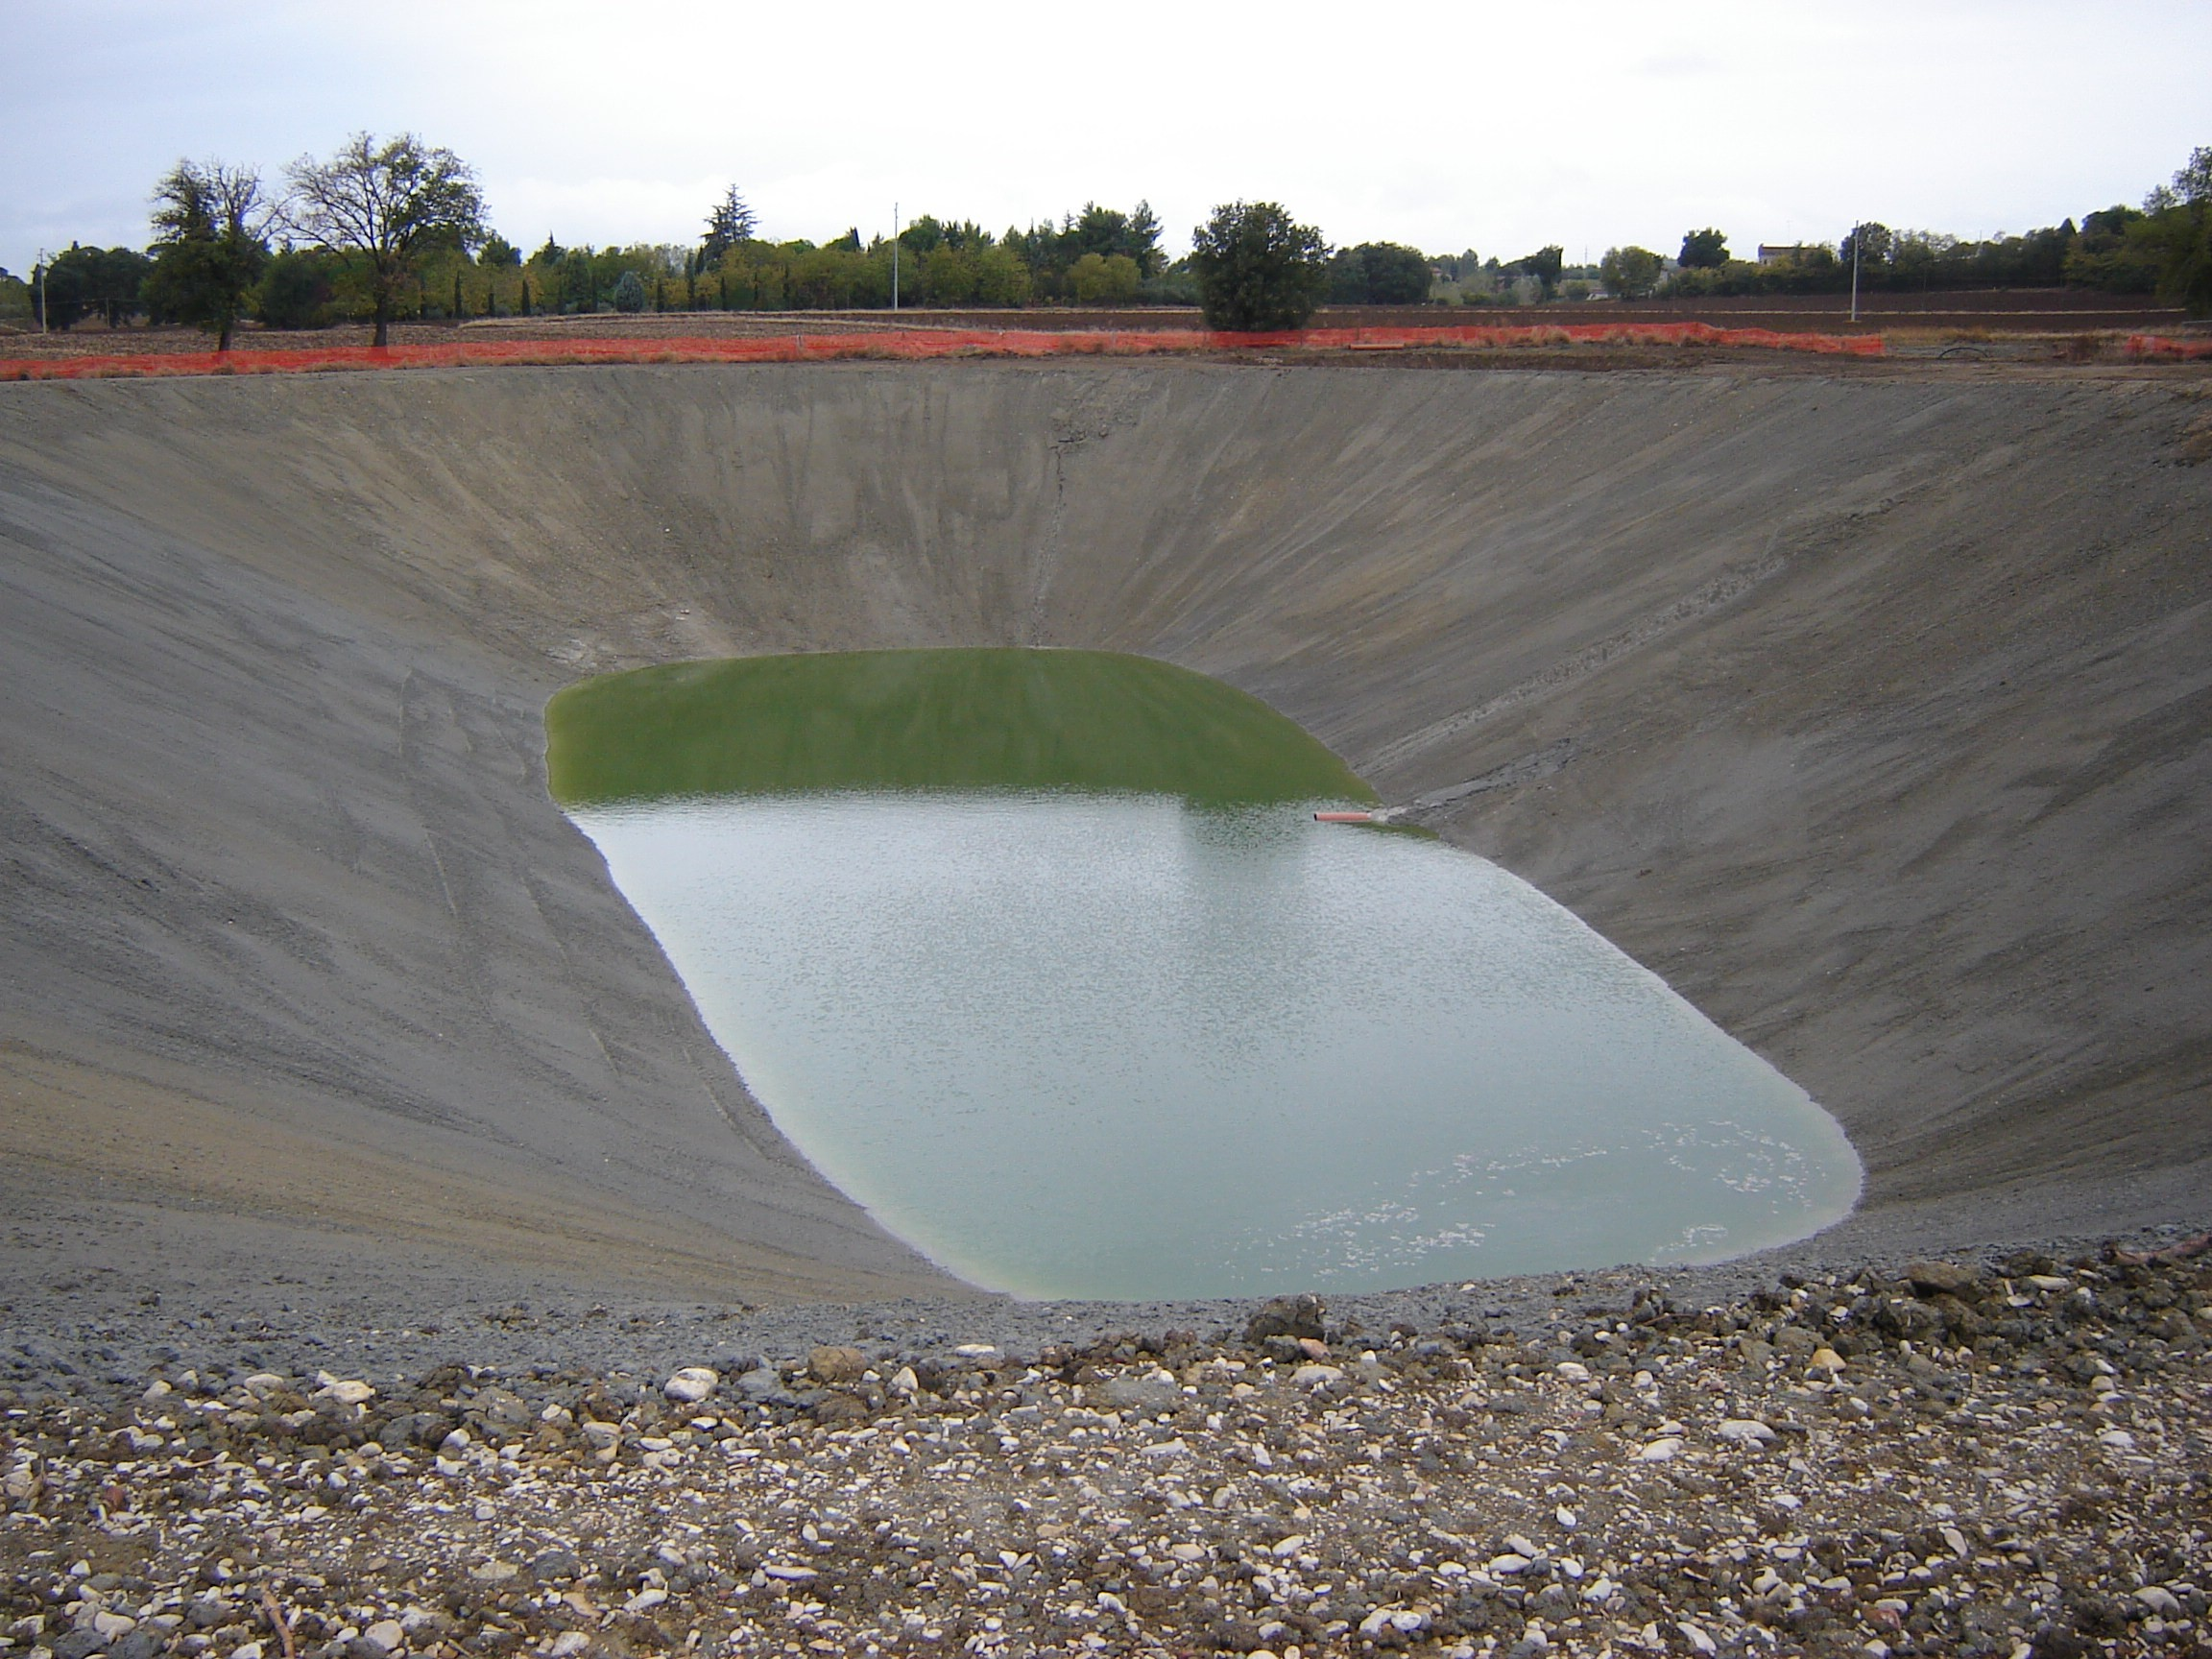 Sistemazione ed ampliamento di laghetto esistente ad uso for Sistema di filtraggio per laghetto